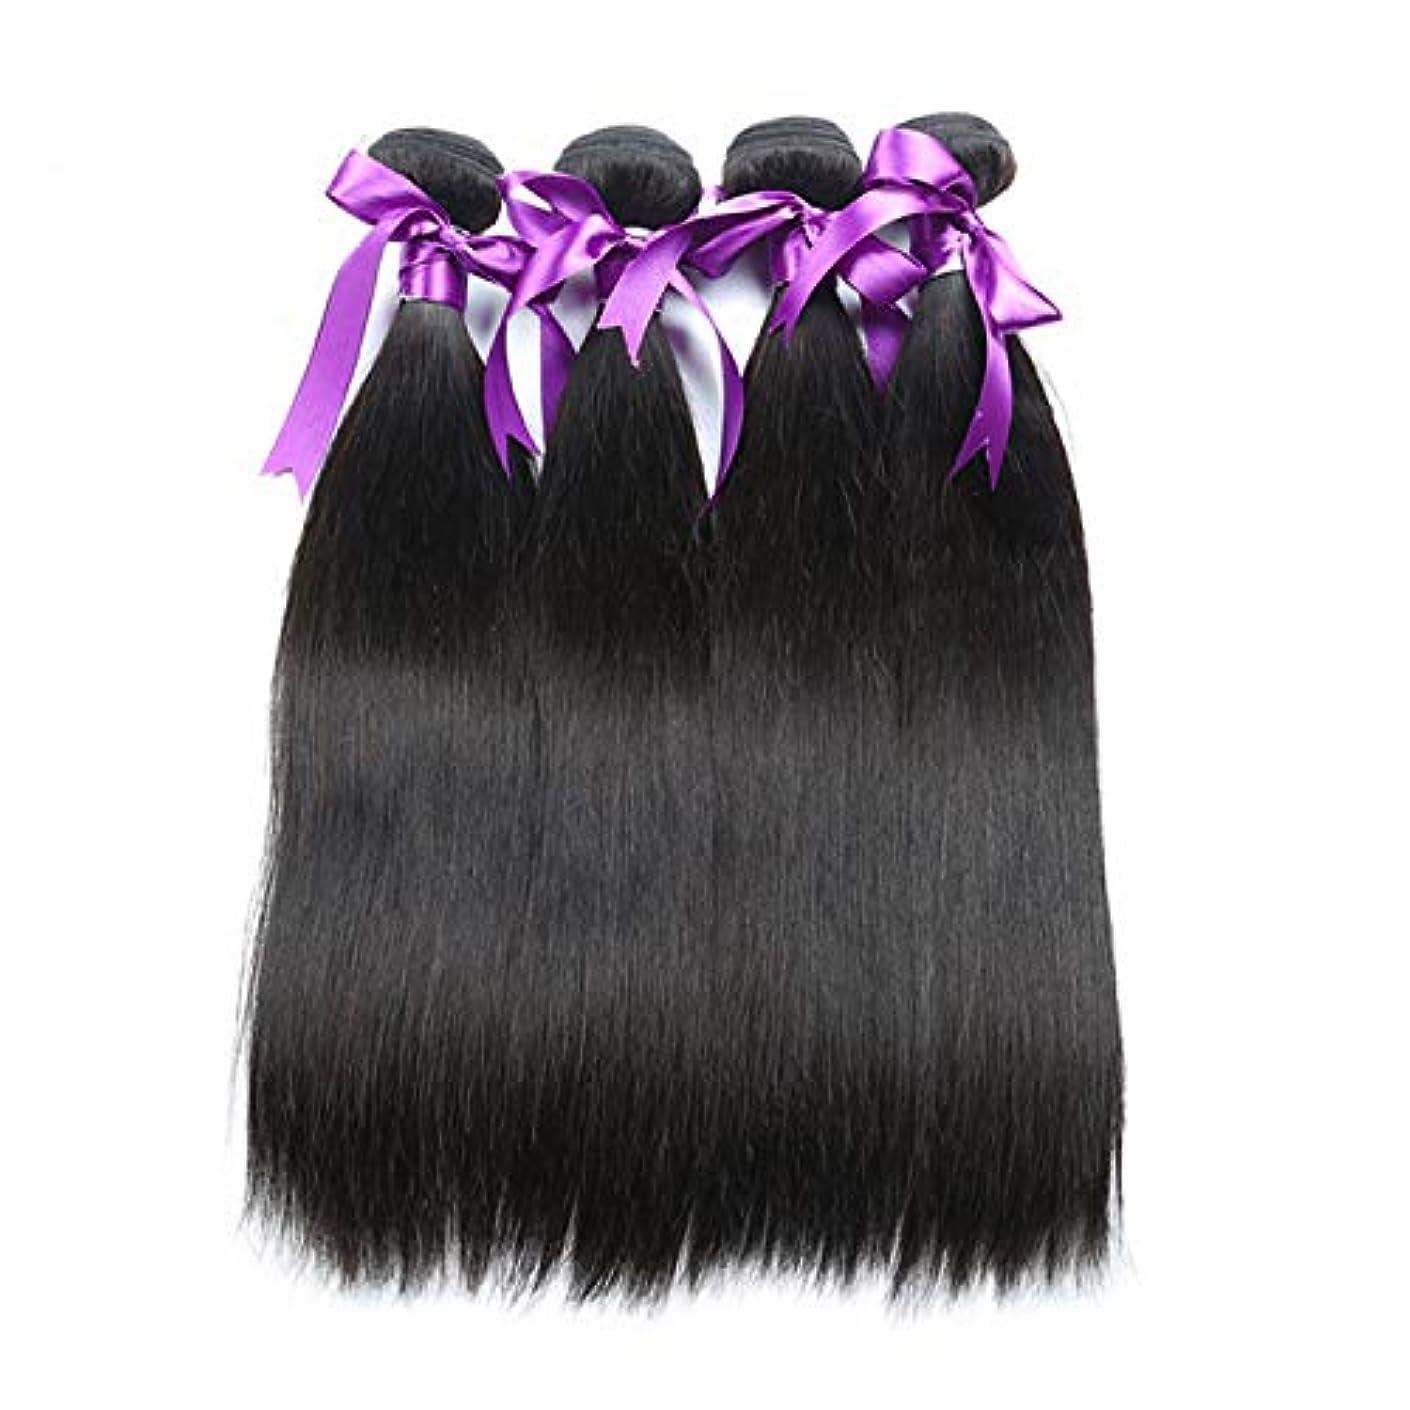 ビートおなかがすいた慣れるかつら マレーシアのストレートヘア4本の人間の髪の束非レミーの毛の延長天然黒体毛髪のかつら (Length : 8 8 10 10)